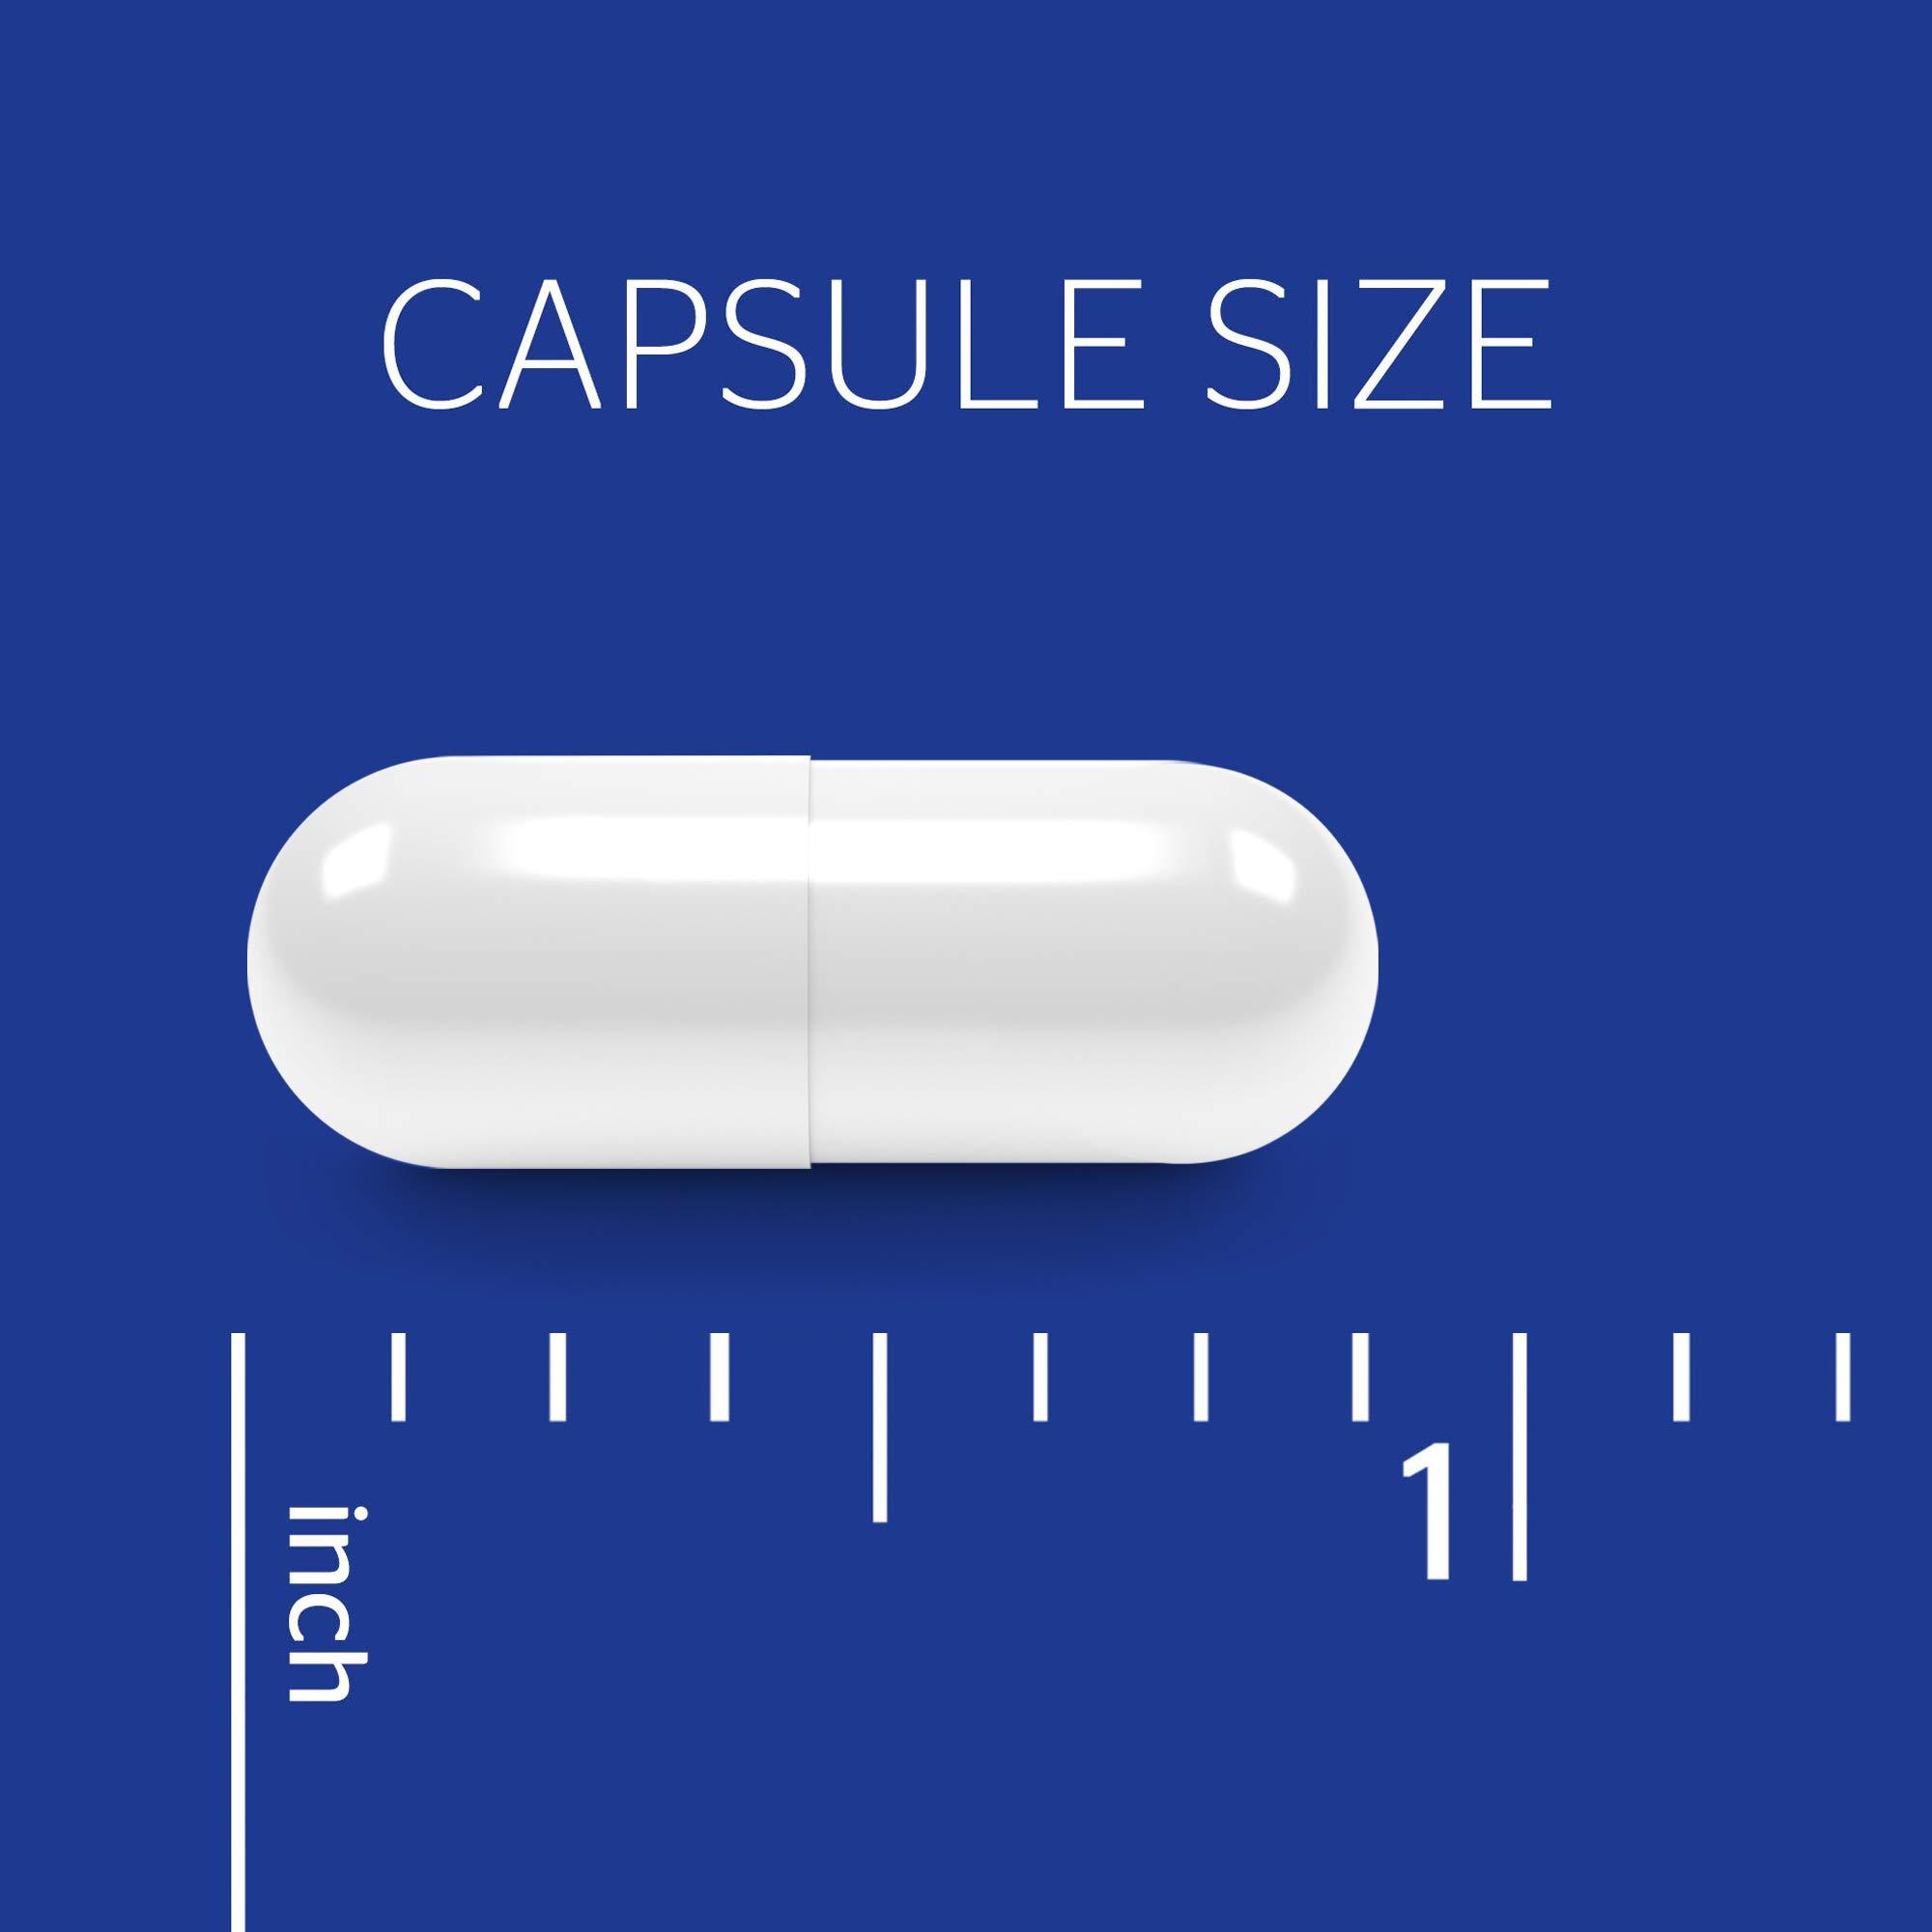 Pure Encapsulations - Ester-C & Flavonoids - Hypoallergenic Vitamin C Supplement Enhanced with Bioflavonoids - 180 Capsules by Pure Encapsulations (Image #3)